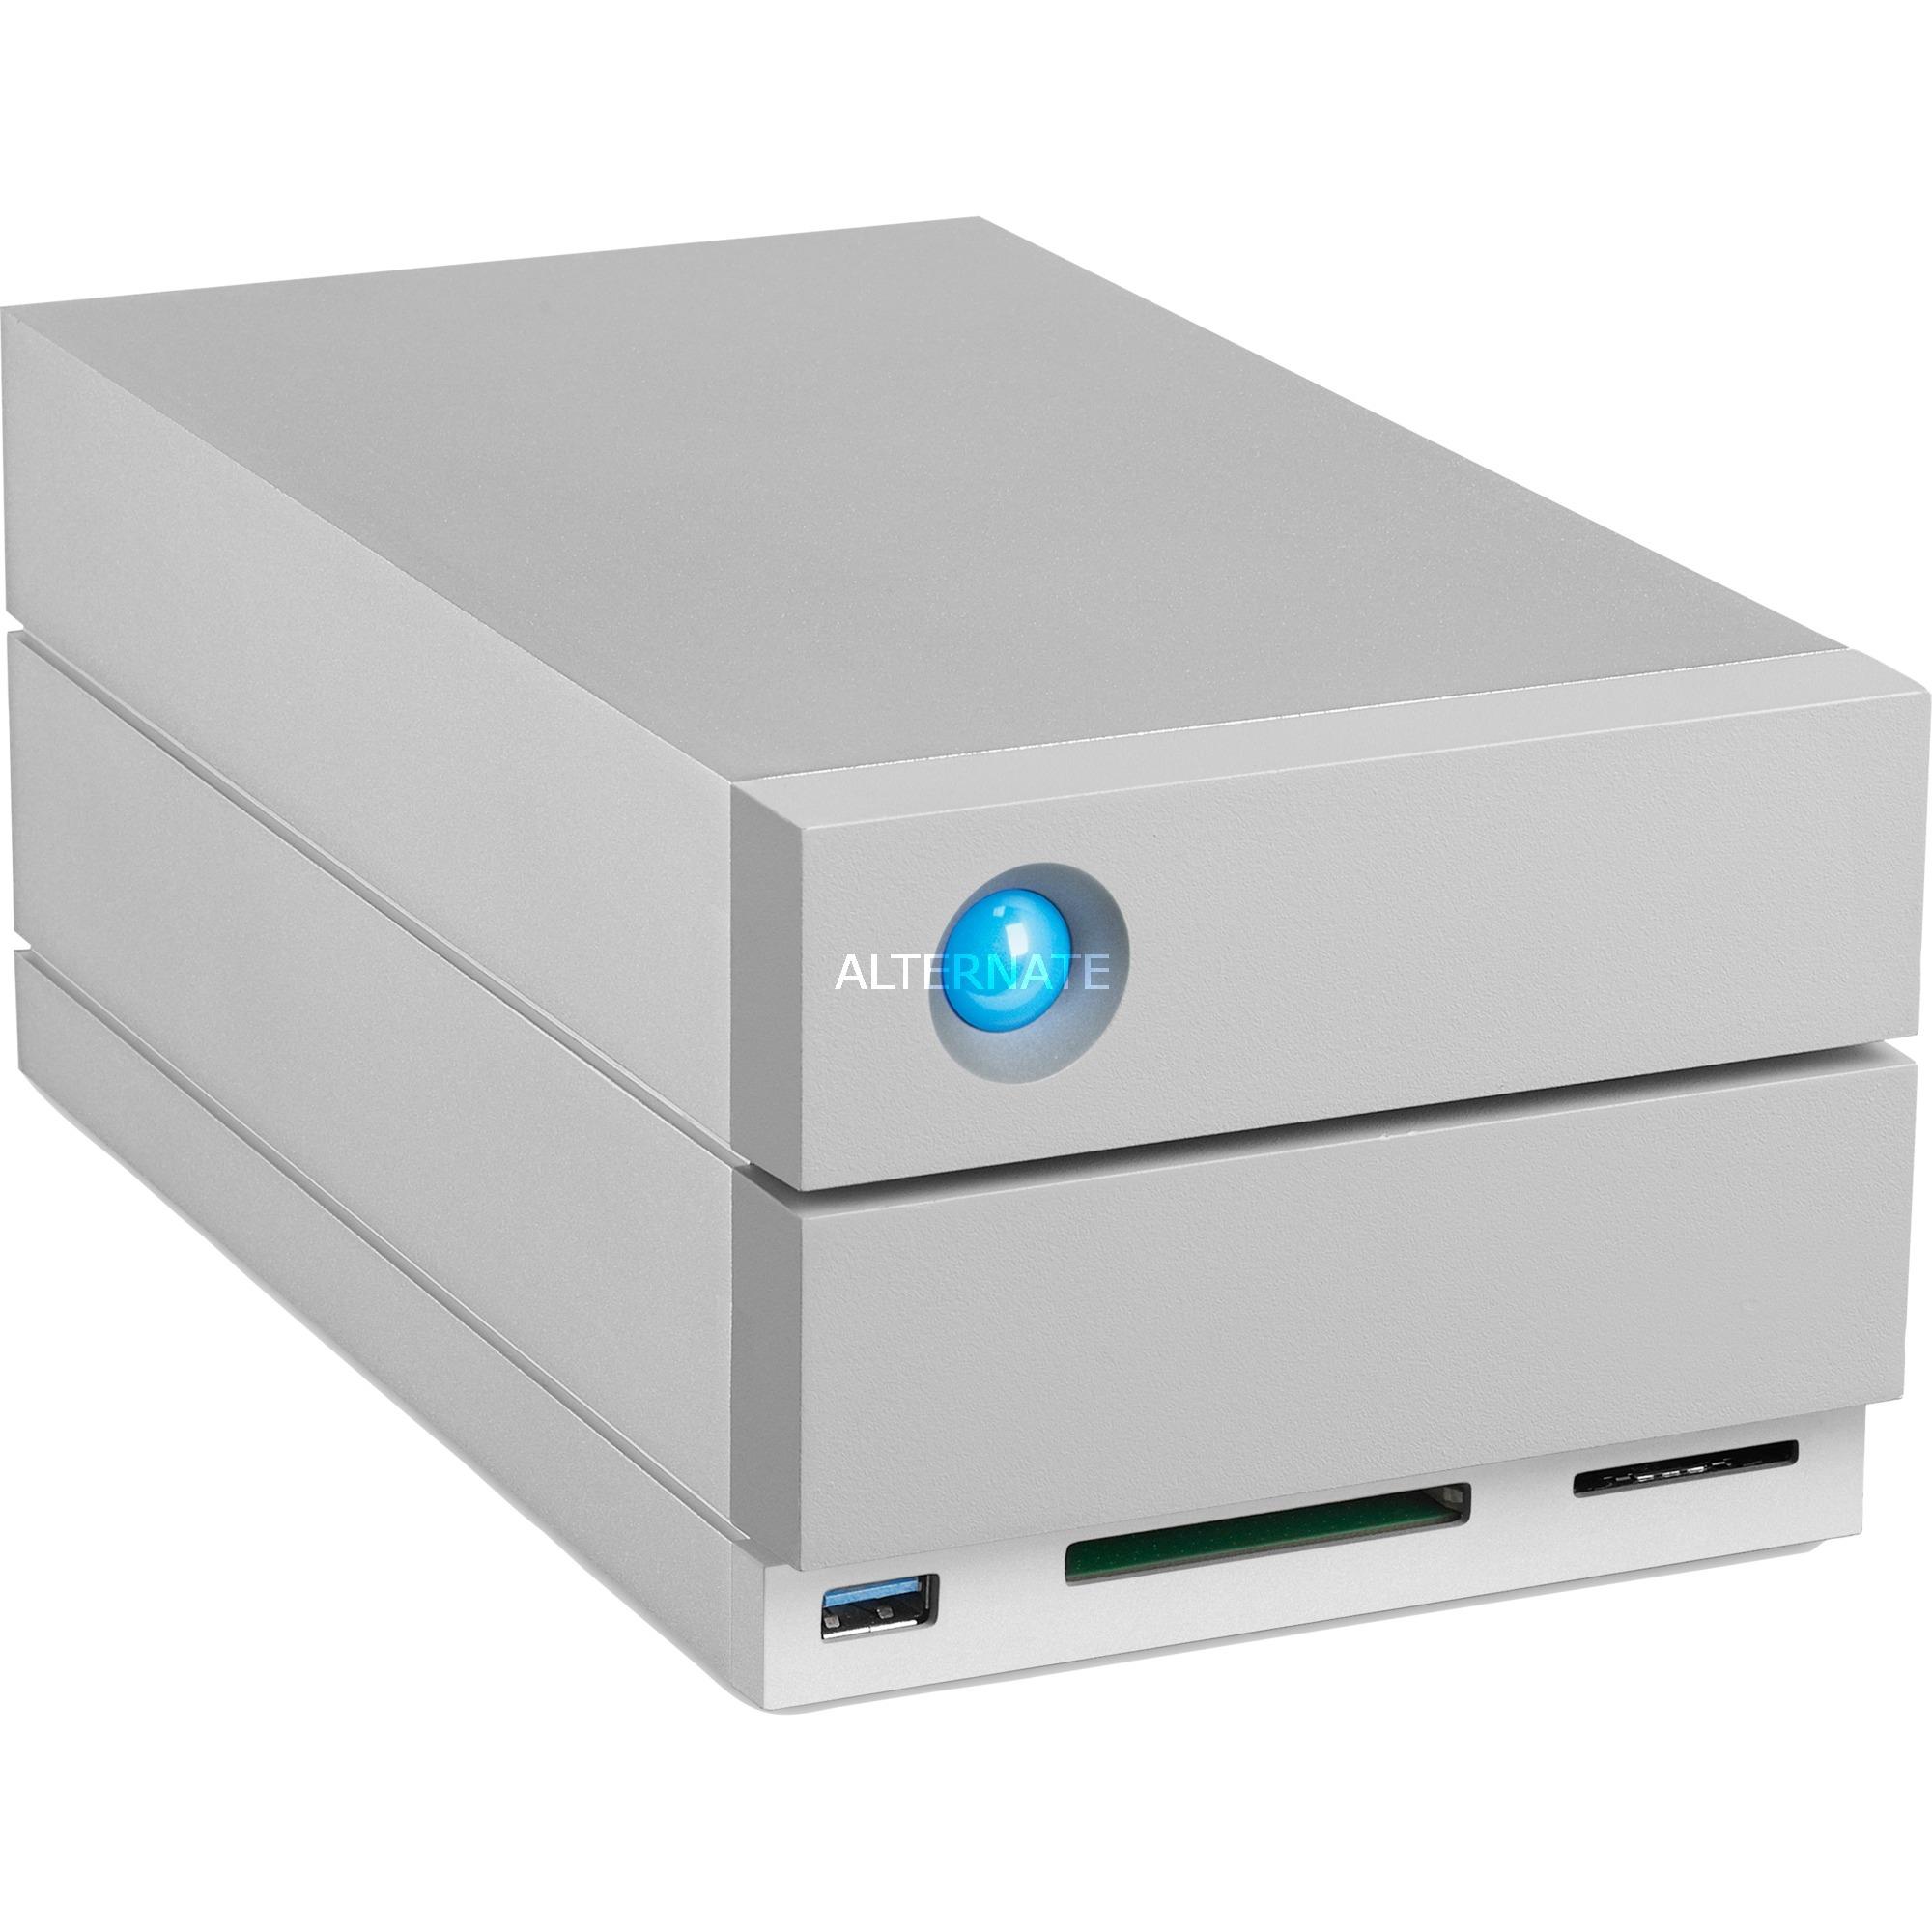 2big Dock Thunderbolt 3 unidad de disco multiple 20 TB Escritorio Gris, Unidad de disco duro